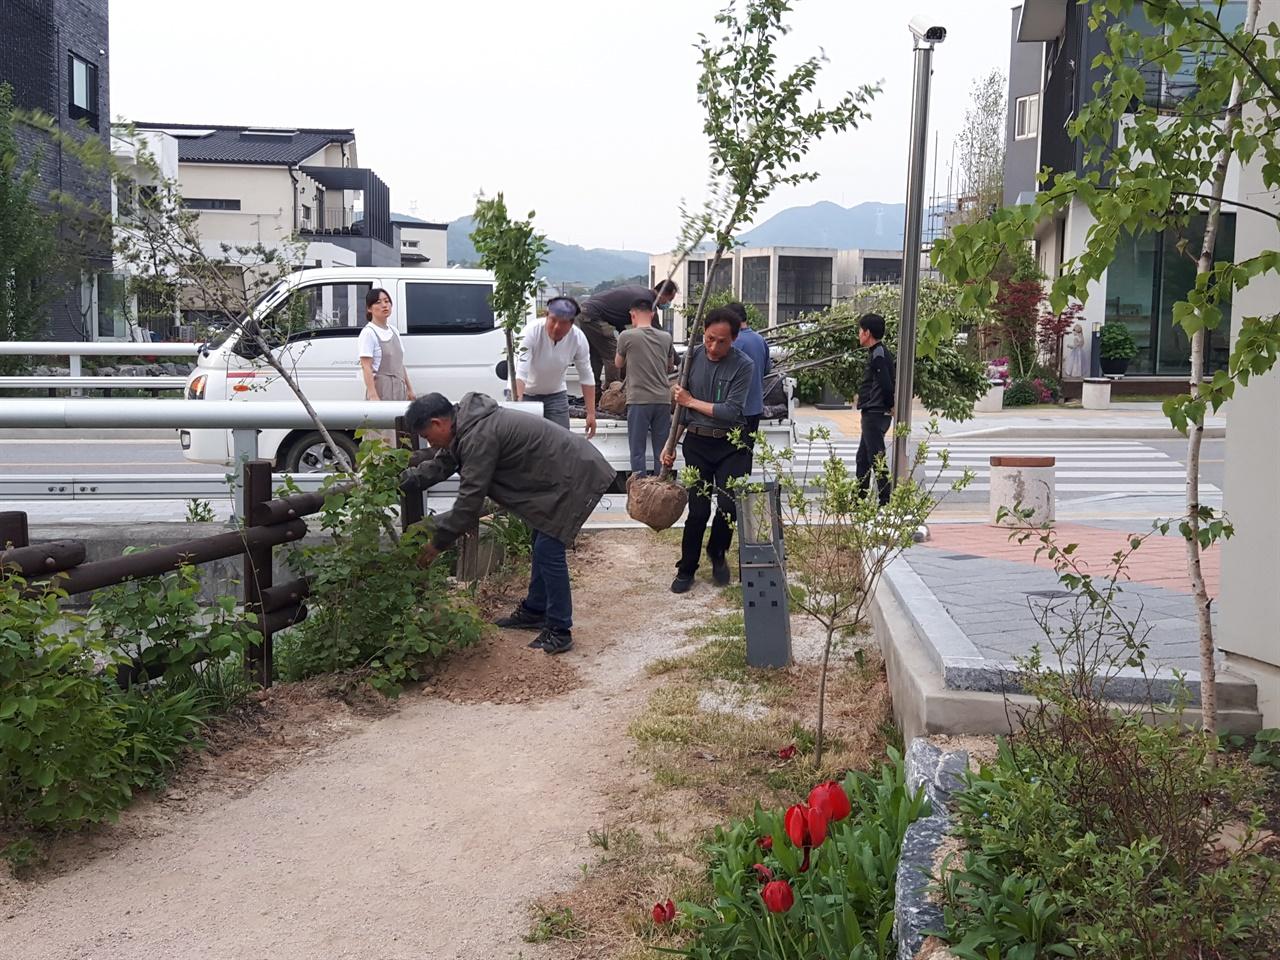 지난 5월 2일 예스파크의 회랑길 입주작가들은 산책로에  벚나무 27그루와 라일락 370그루를 심었다.